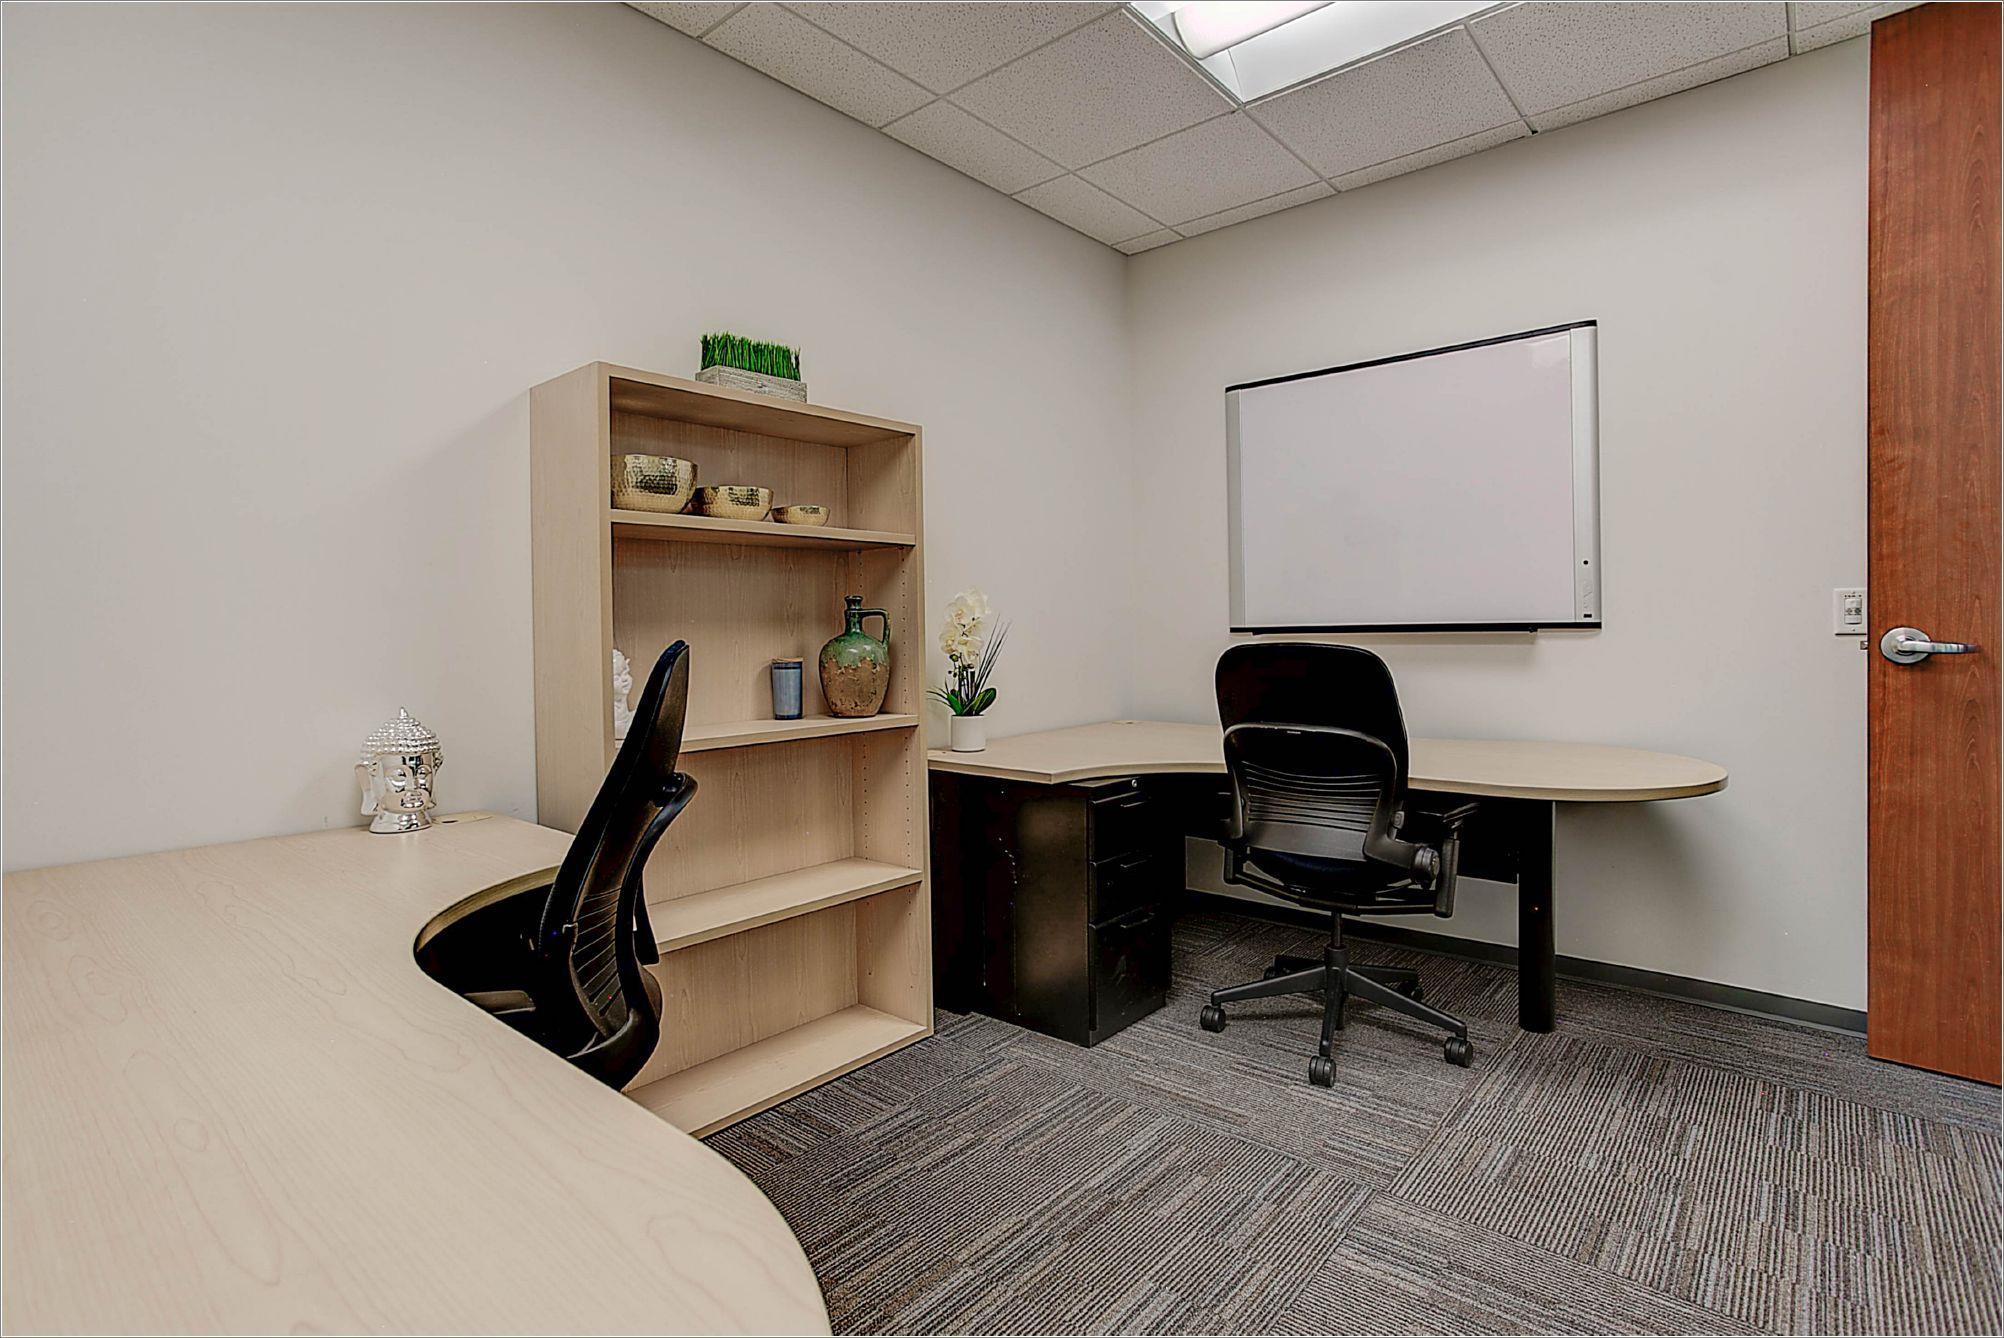 Delicieux Working At Zen Offices In Denver At Denver